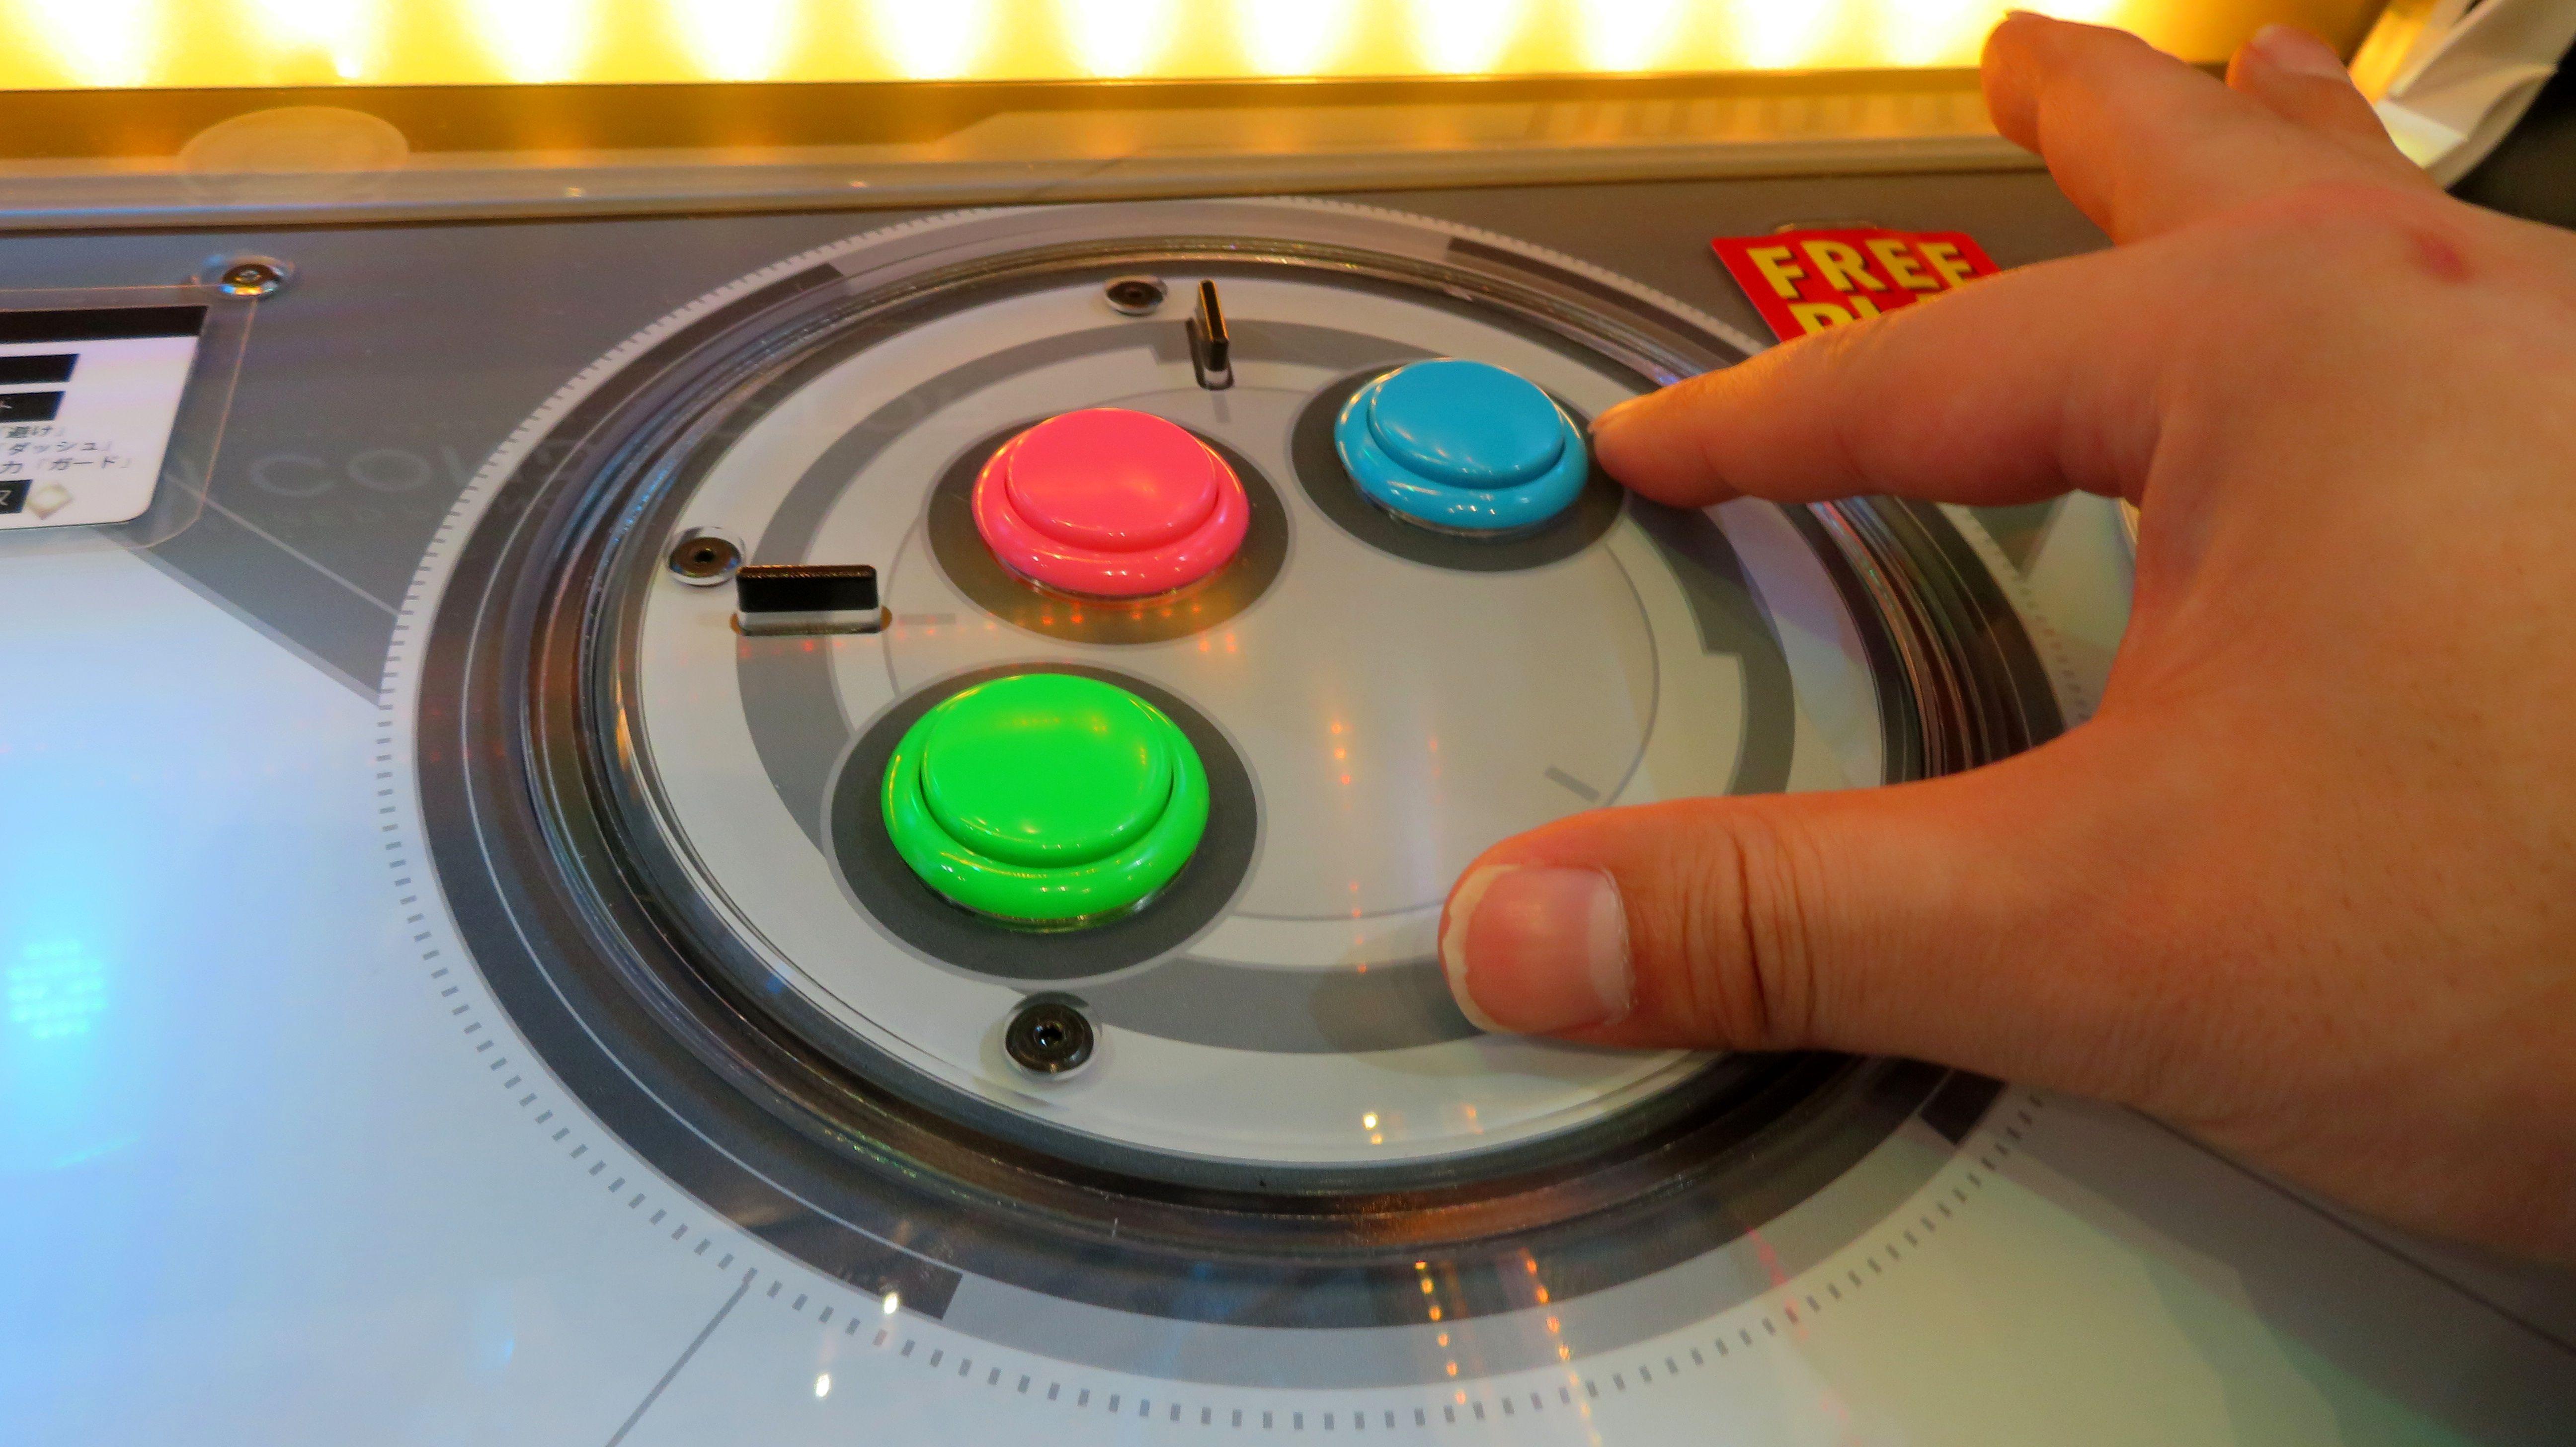 3個並んだボタン部分は、ターンテーブル式に回転させて、プレーヤー好みの位置に調節できる機能も搭載している